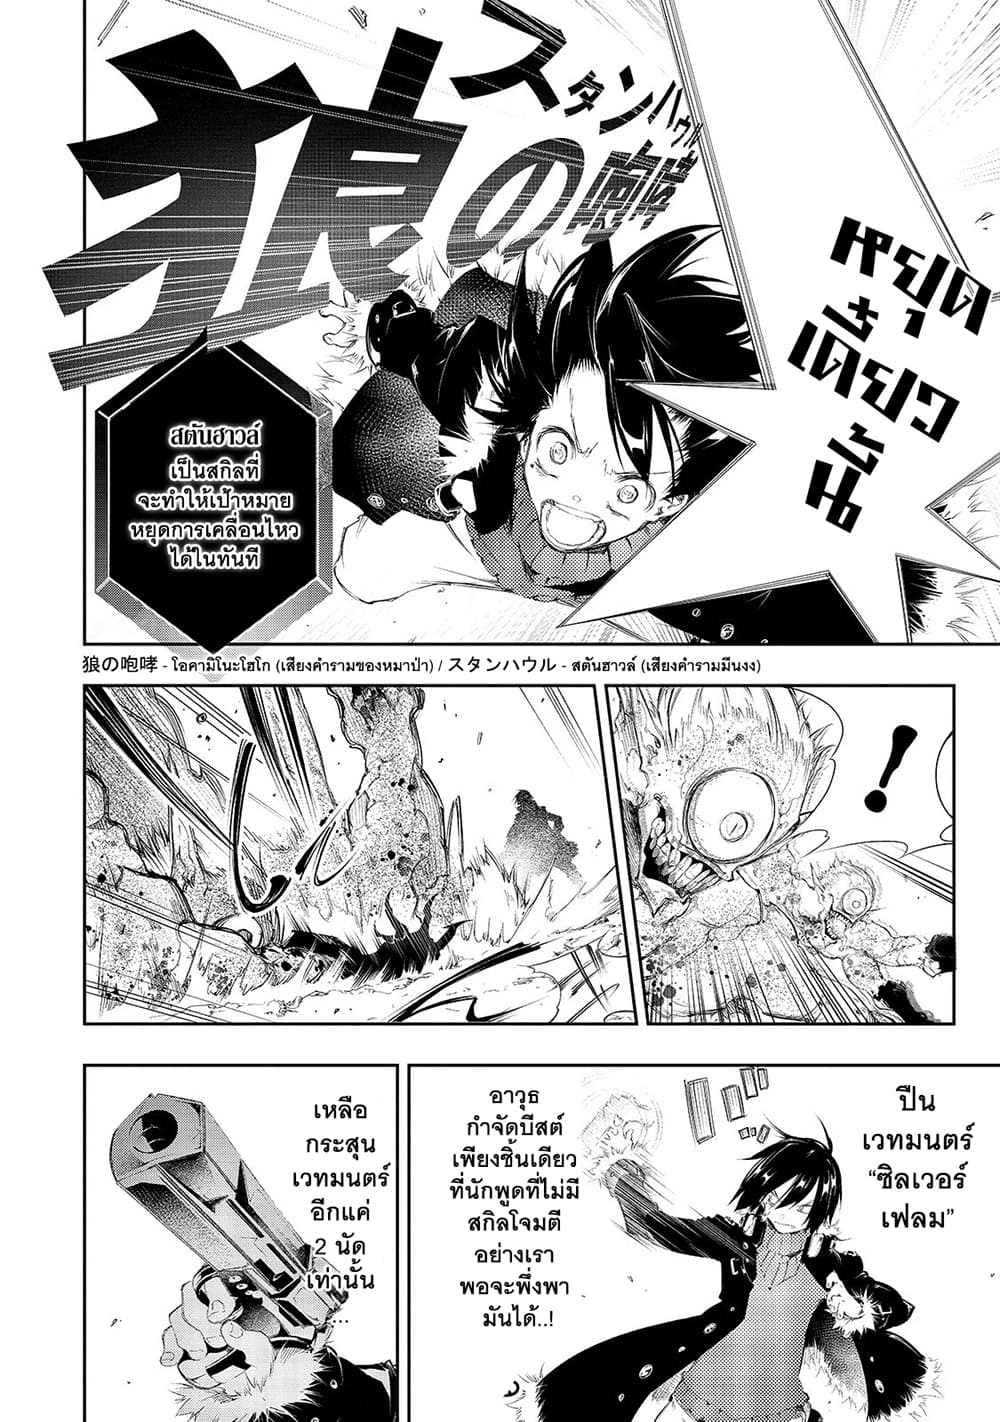 อ่านการ์ตูน Saikyou no Shien-shoku Wajutsushi Dearu Ore wa Sekai Saikyou Kuran o Shitagaeru ตอนที่ 2 หน้าที่ 33